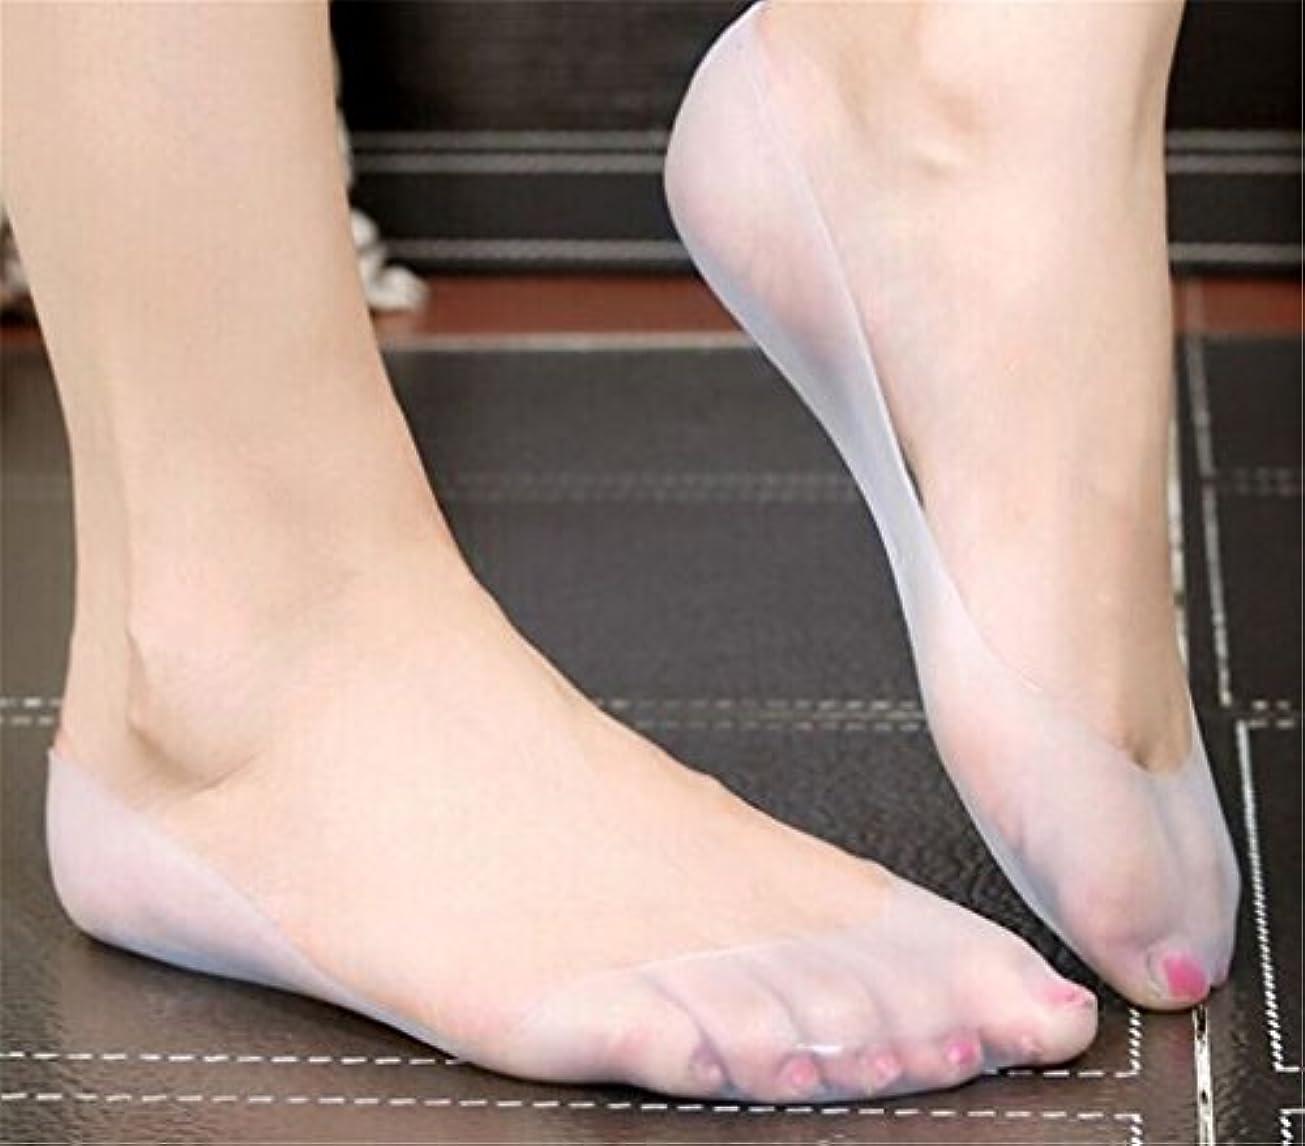 サイズ行商人確立しますchiwanji 靴下 ソックス シリコーンゲル 保湿靴下 フットケア 皮膚保護 プロテクター 再利用可能 空気乾燥